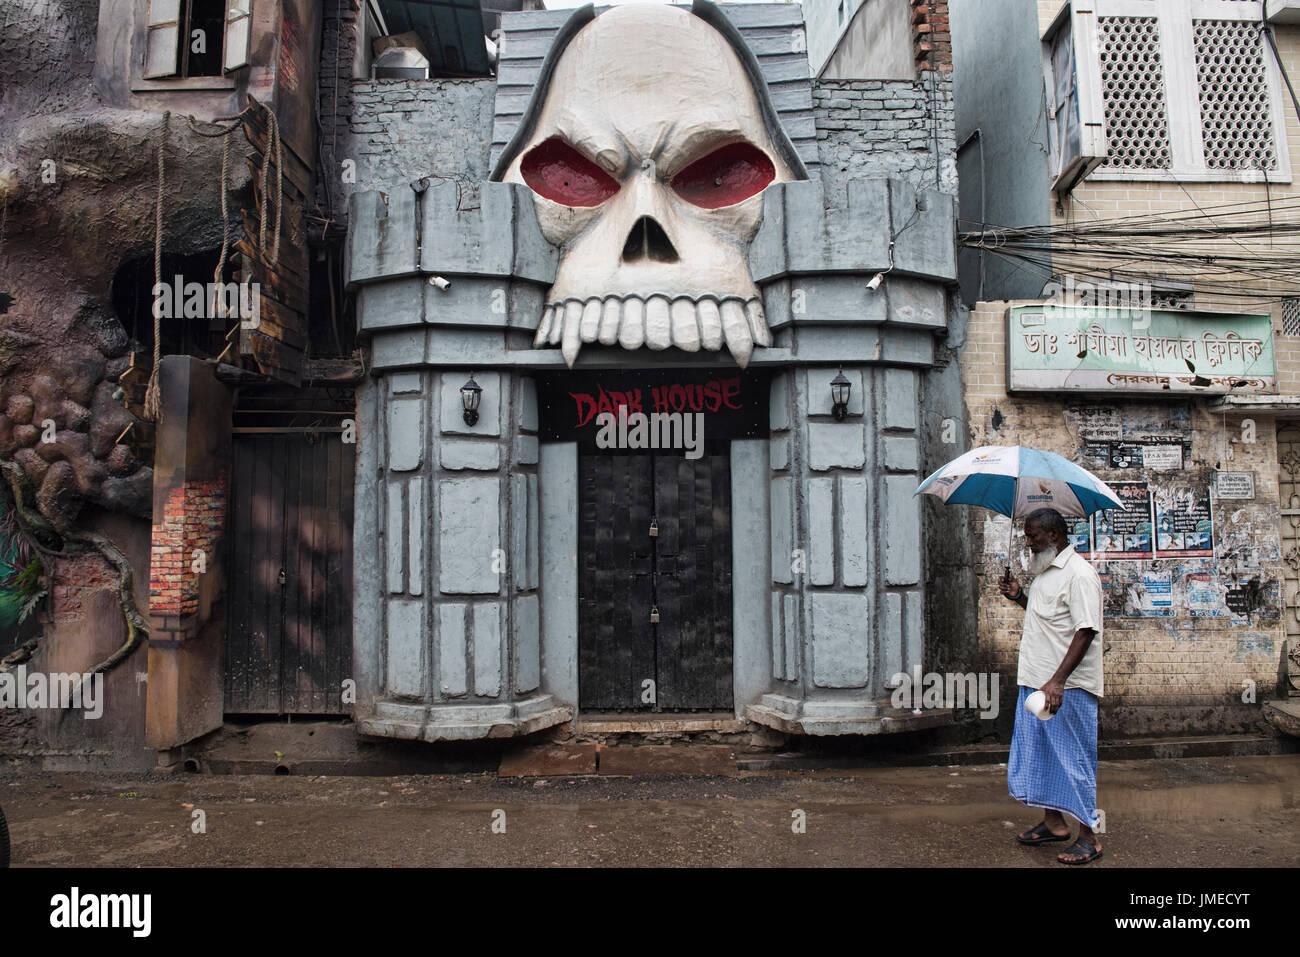 Man and ghoul, Dhaka, Bangladesh - Stock Image